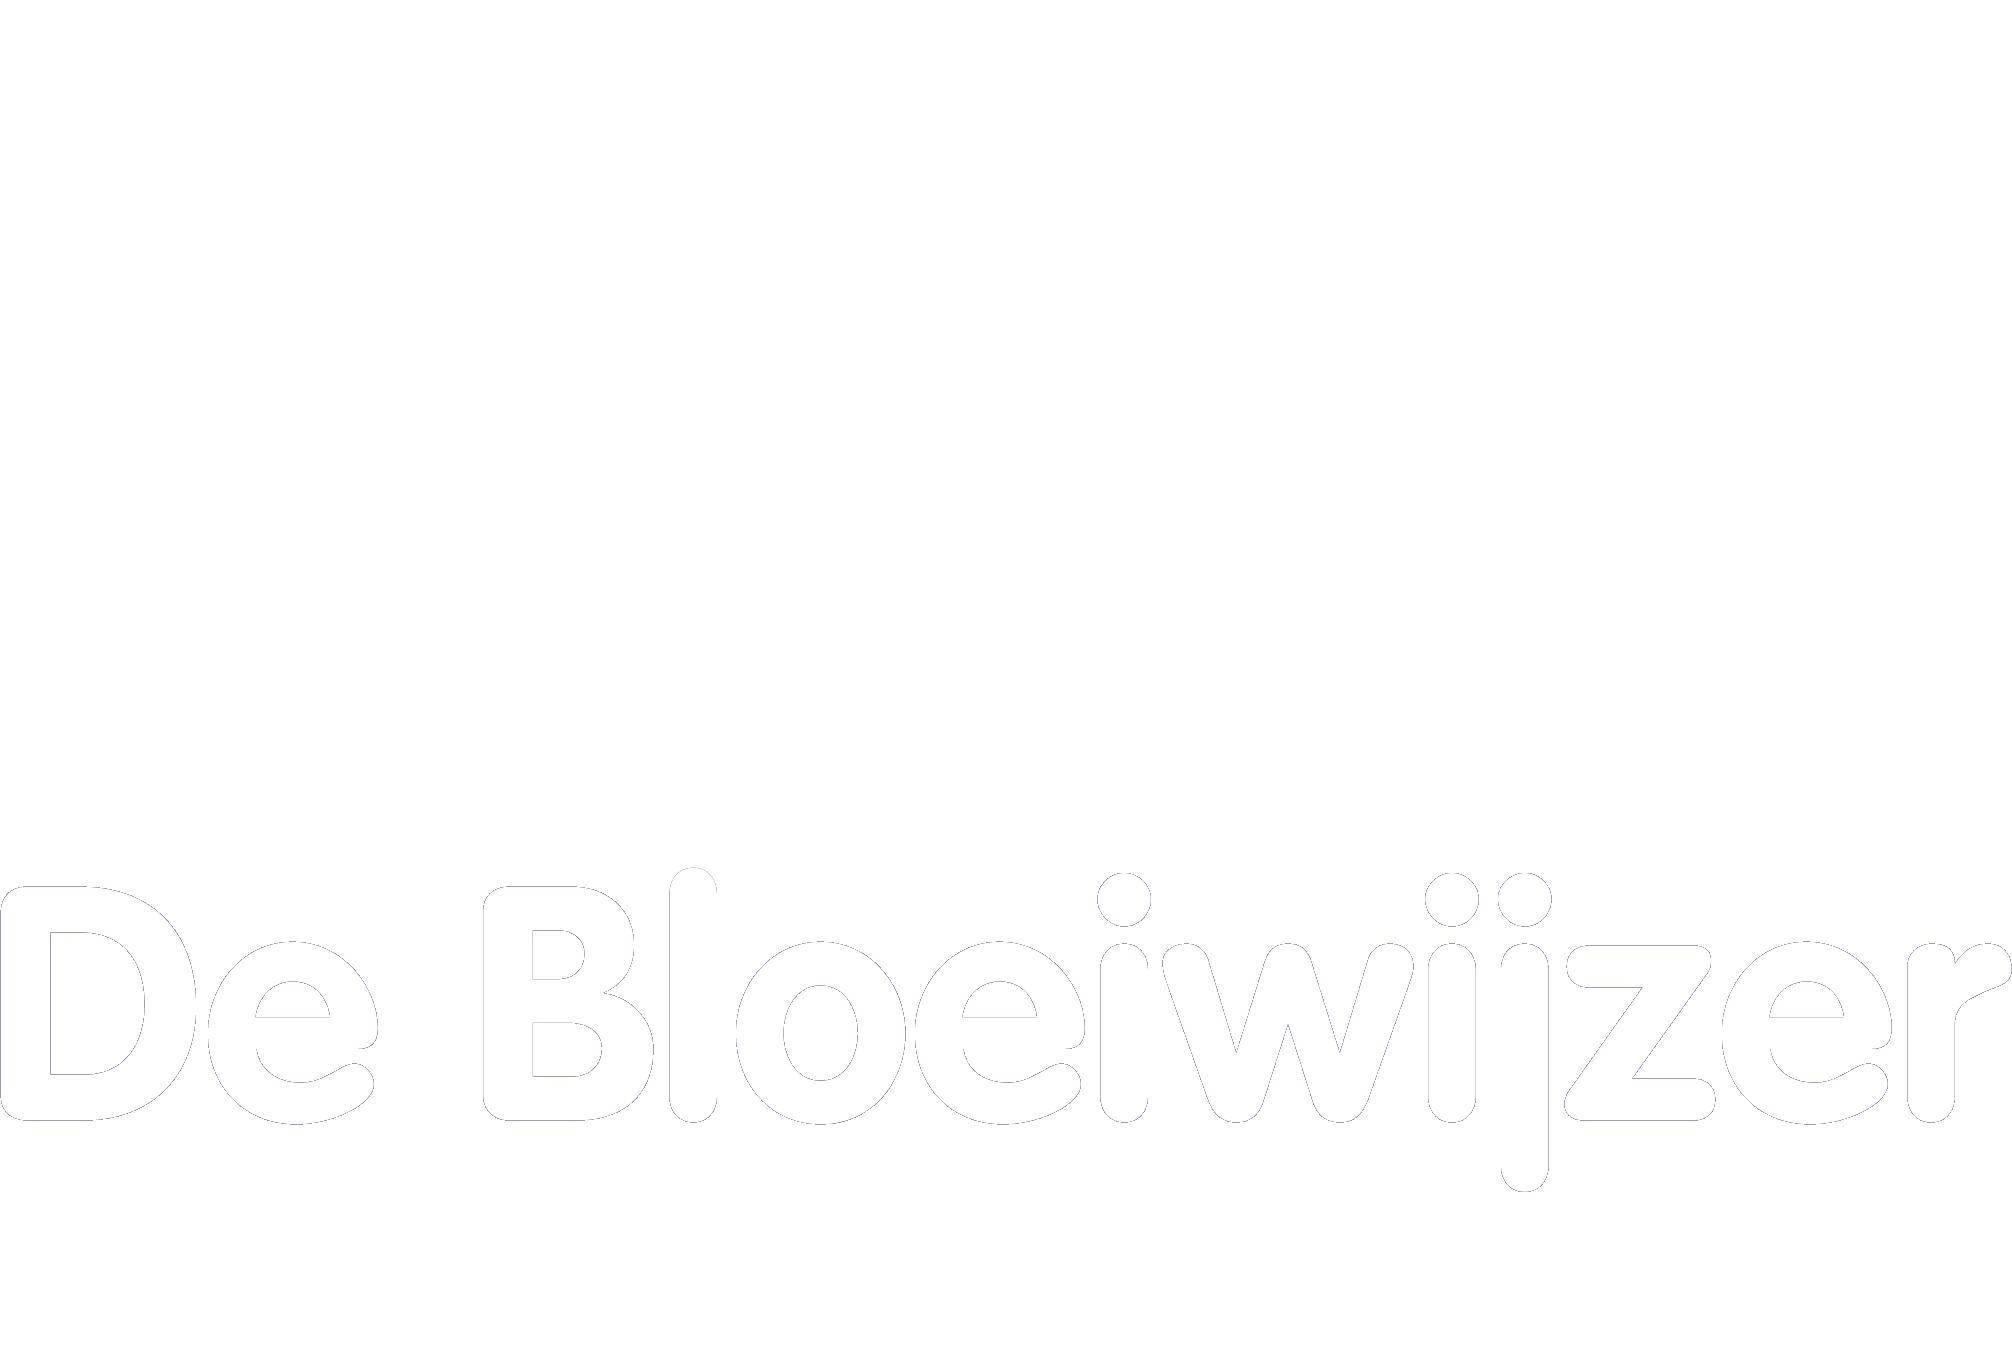 De Bloeiwijzer